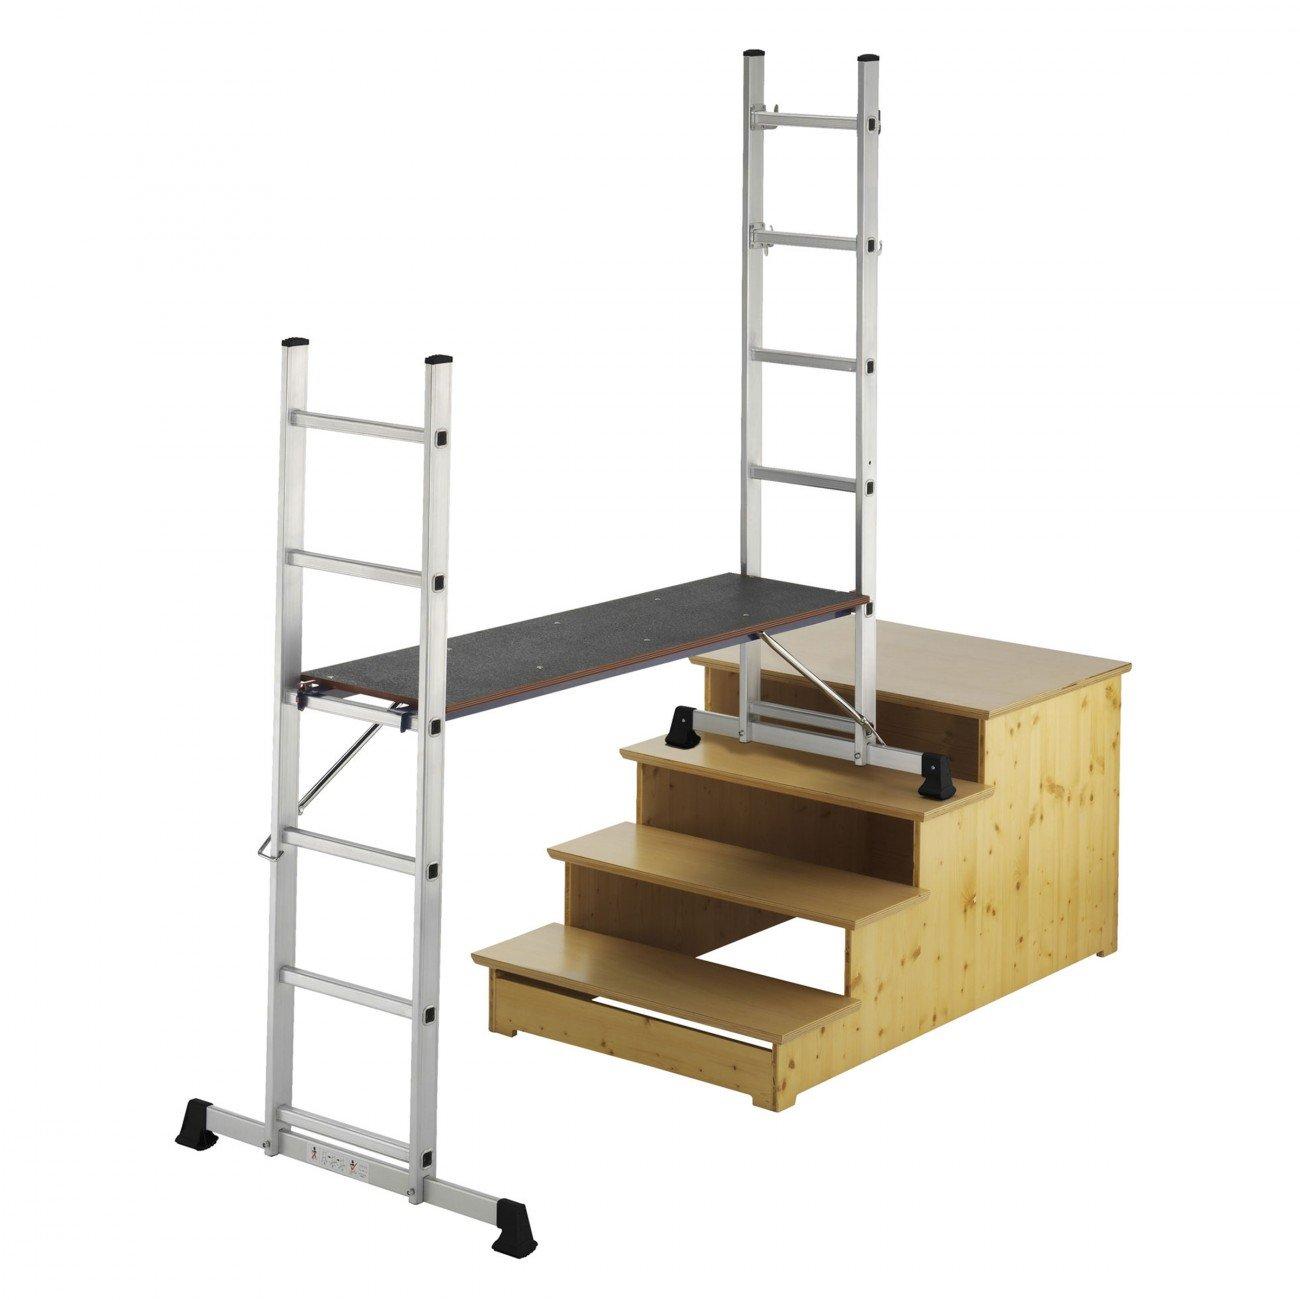 escalier echelle un escalier echelle with escalier echelle excellent escalier escamotable. Black Bedroom Furniture Sets. Home Design Ideas